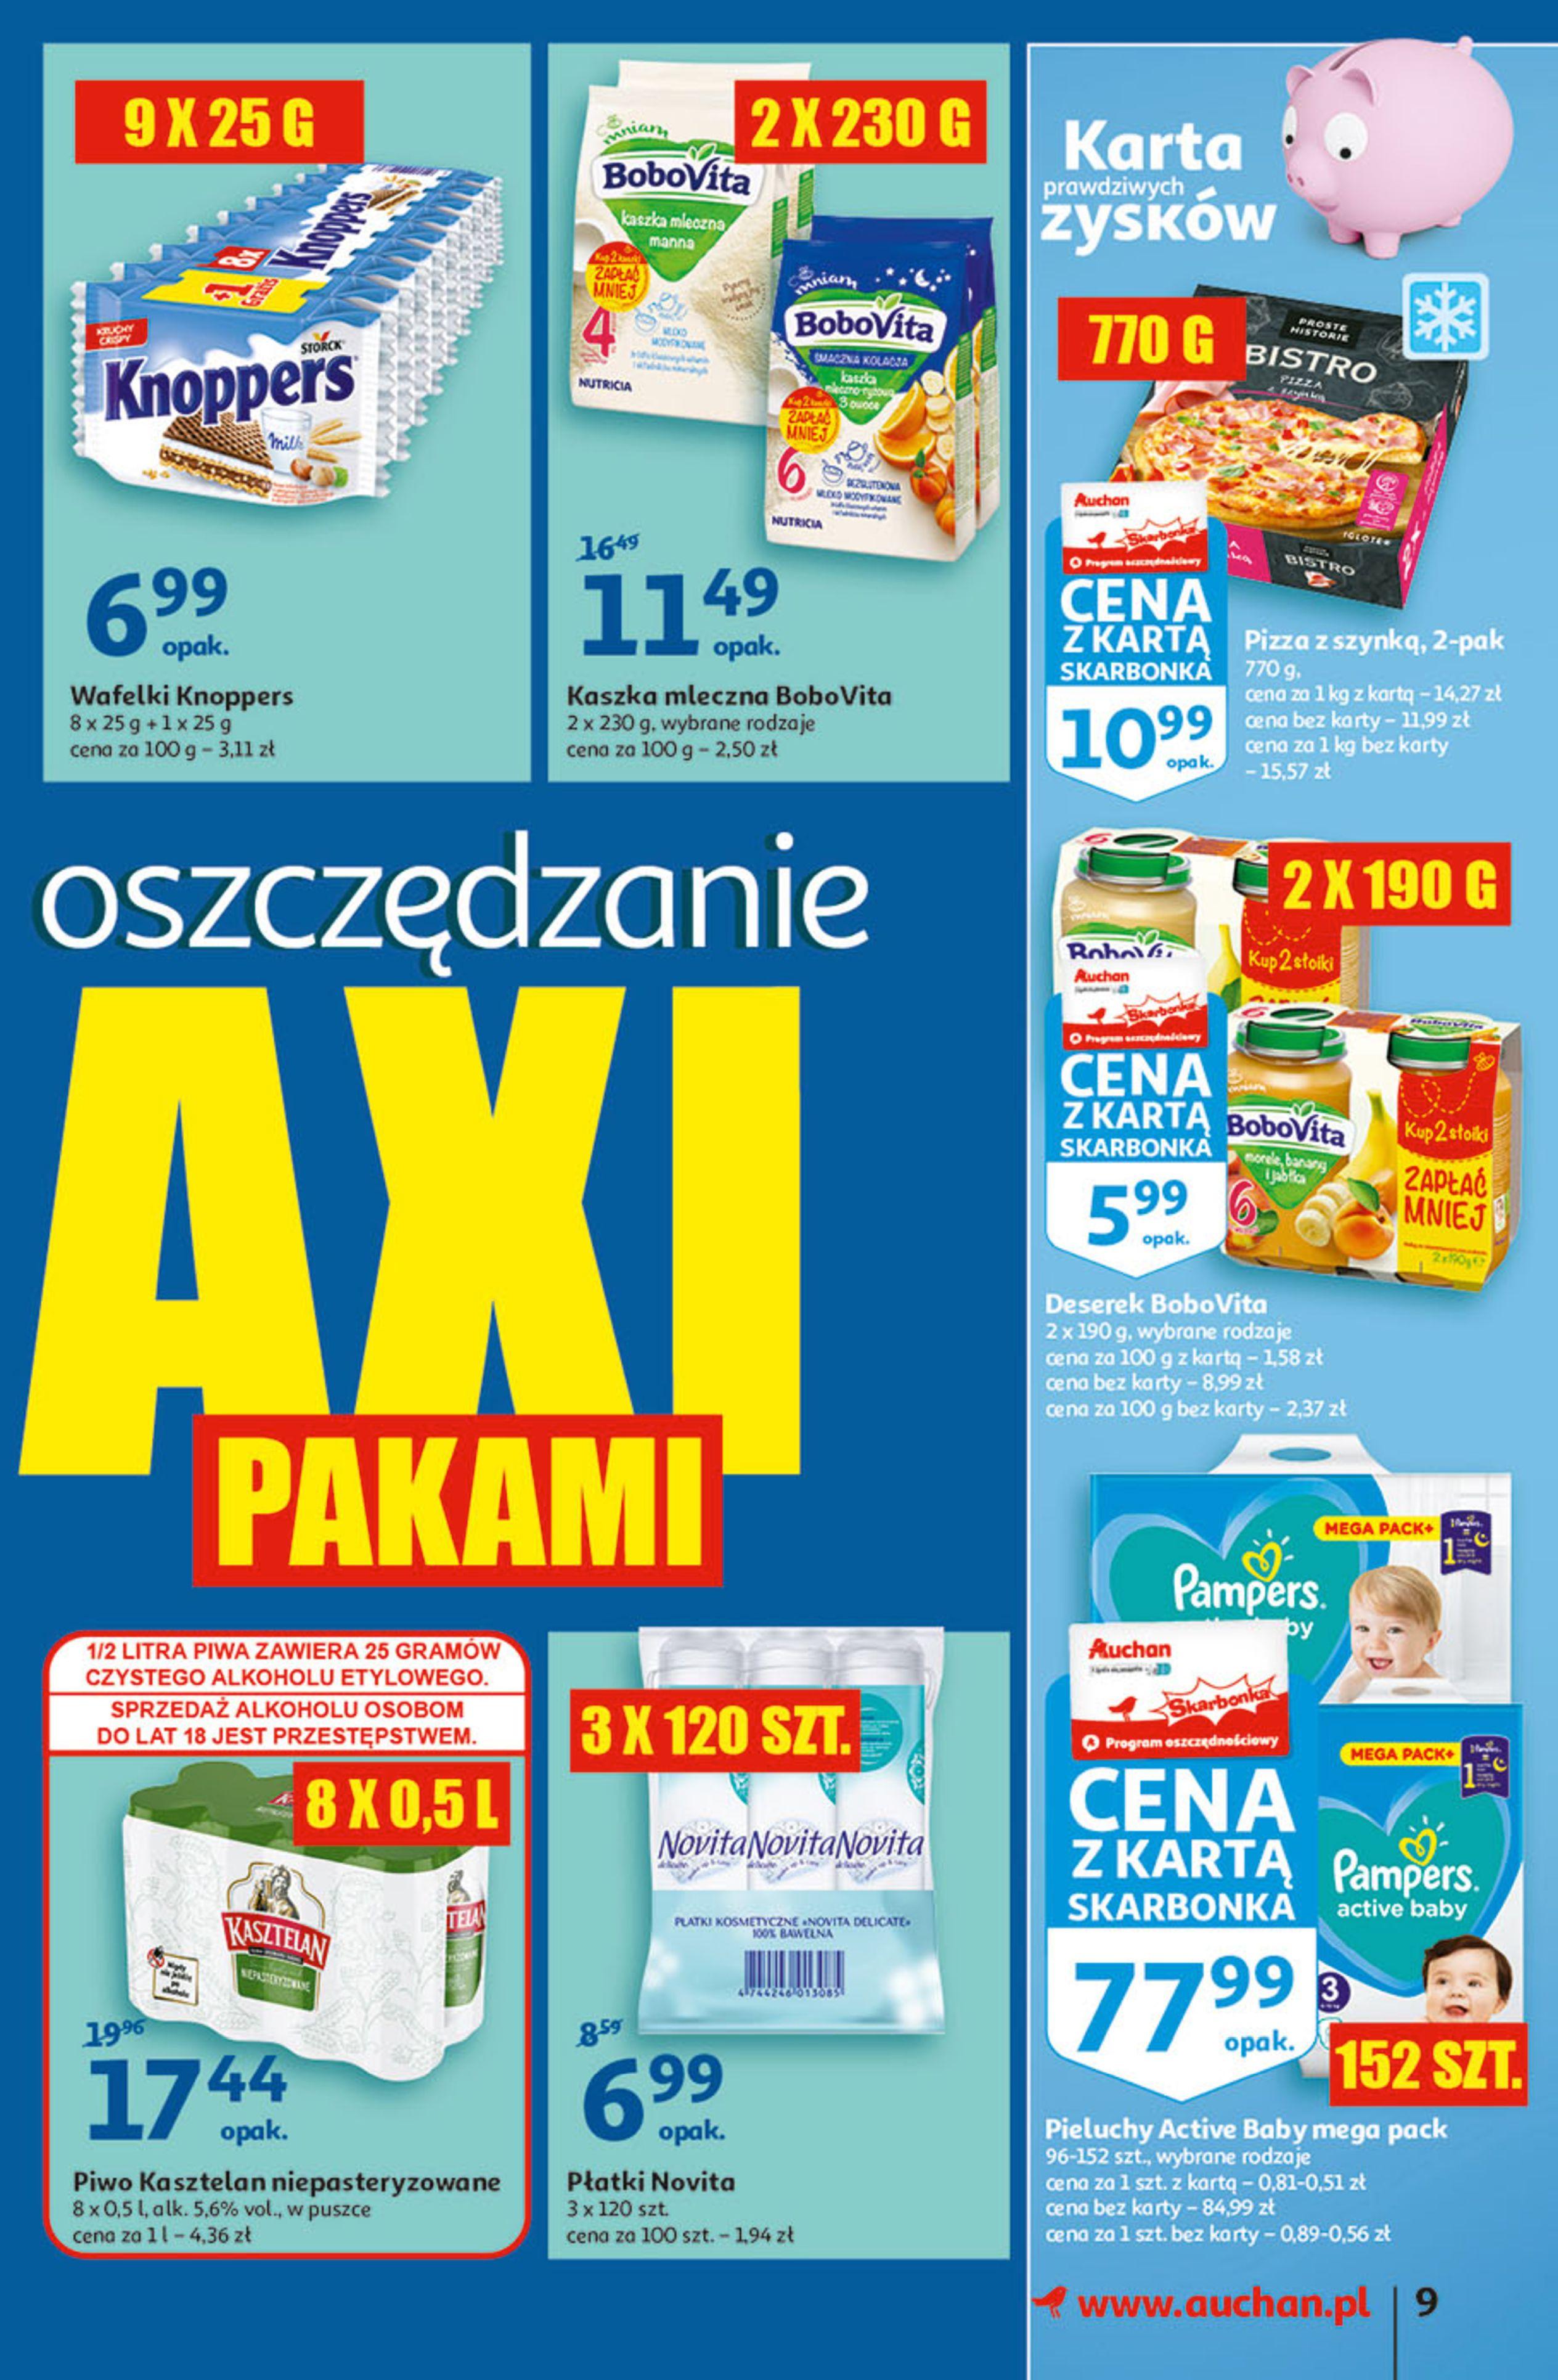 Gazetka Auchan: Gazetka Auchan - Hiperoszczędzanie w wersji Maxi Paki Hipermarkety 2021-09-16 page-9